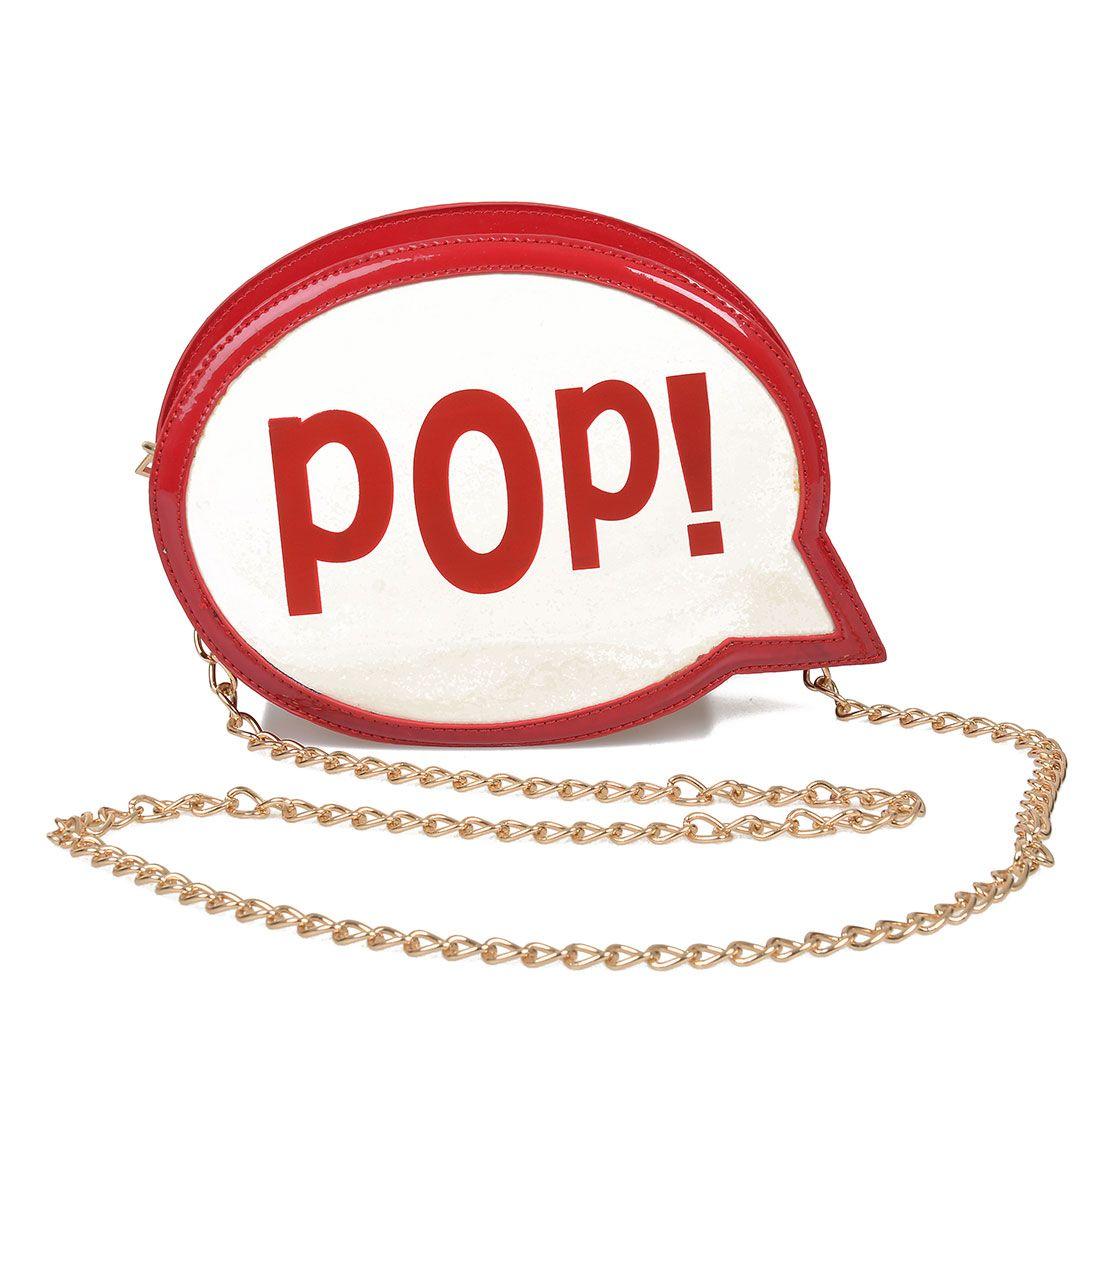 Red & White Patent POP! Speech Bubble Purse - via unique-vintage.com